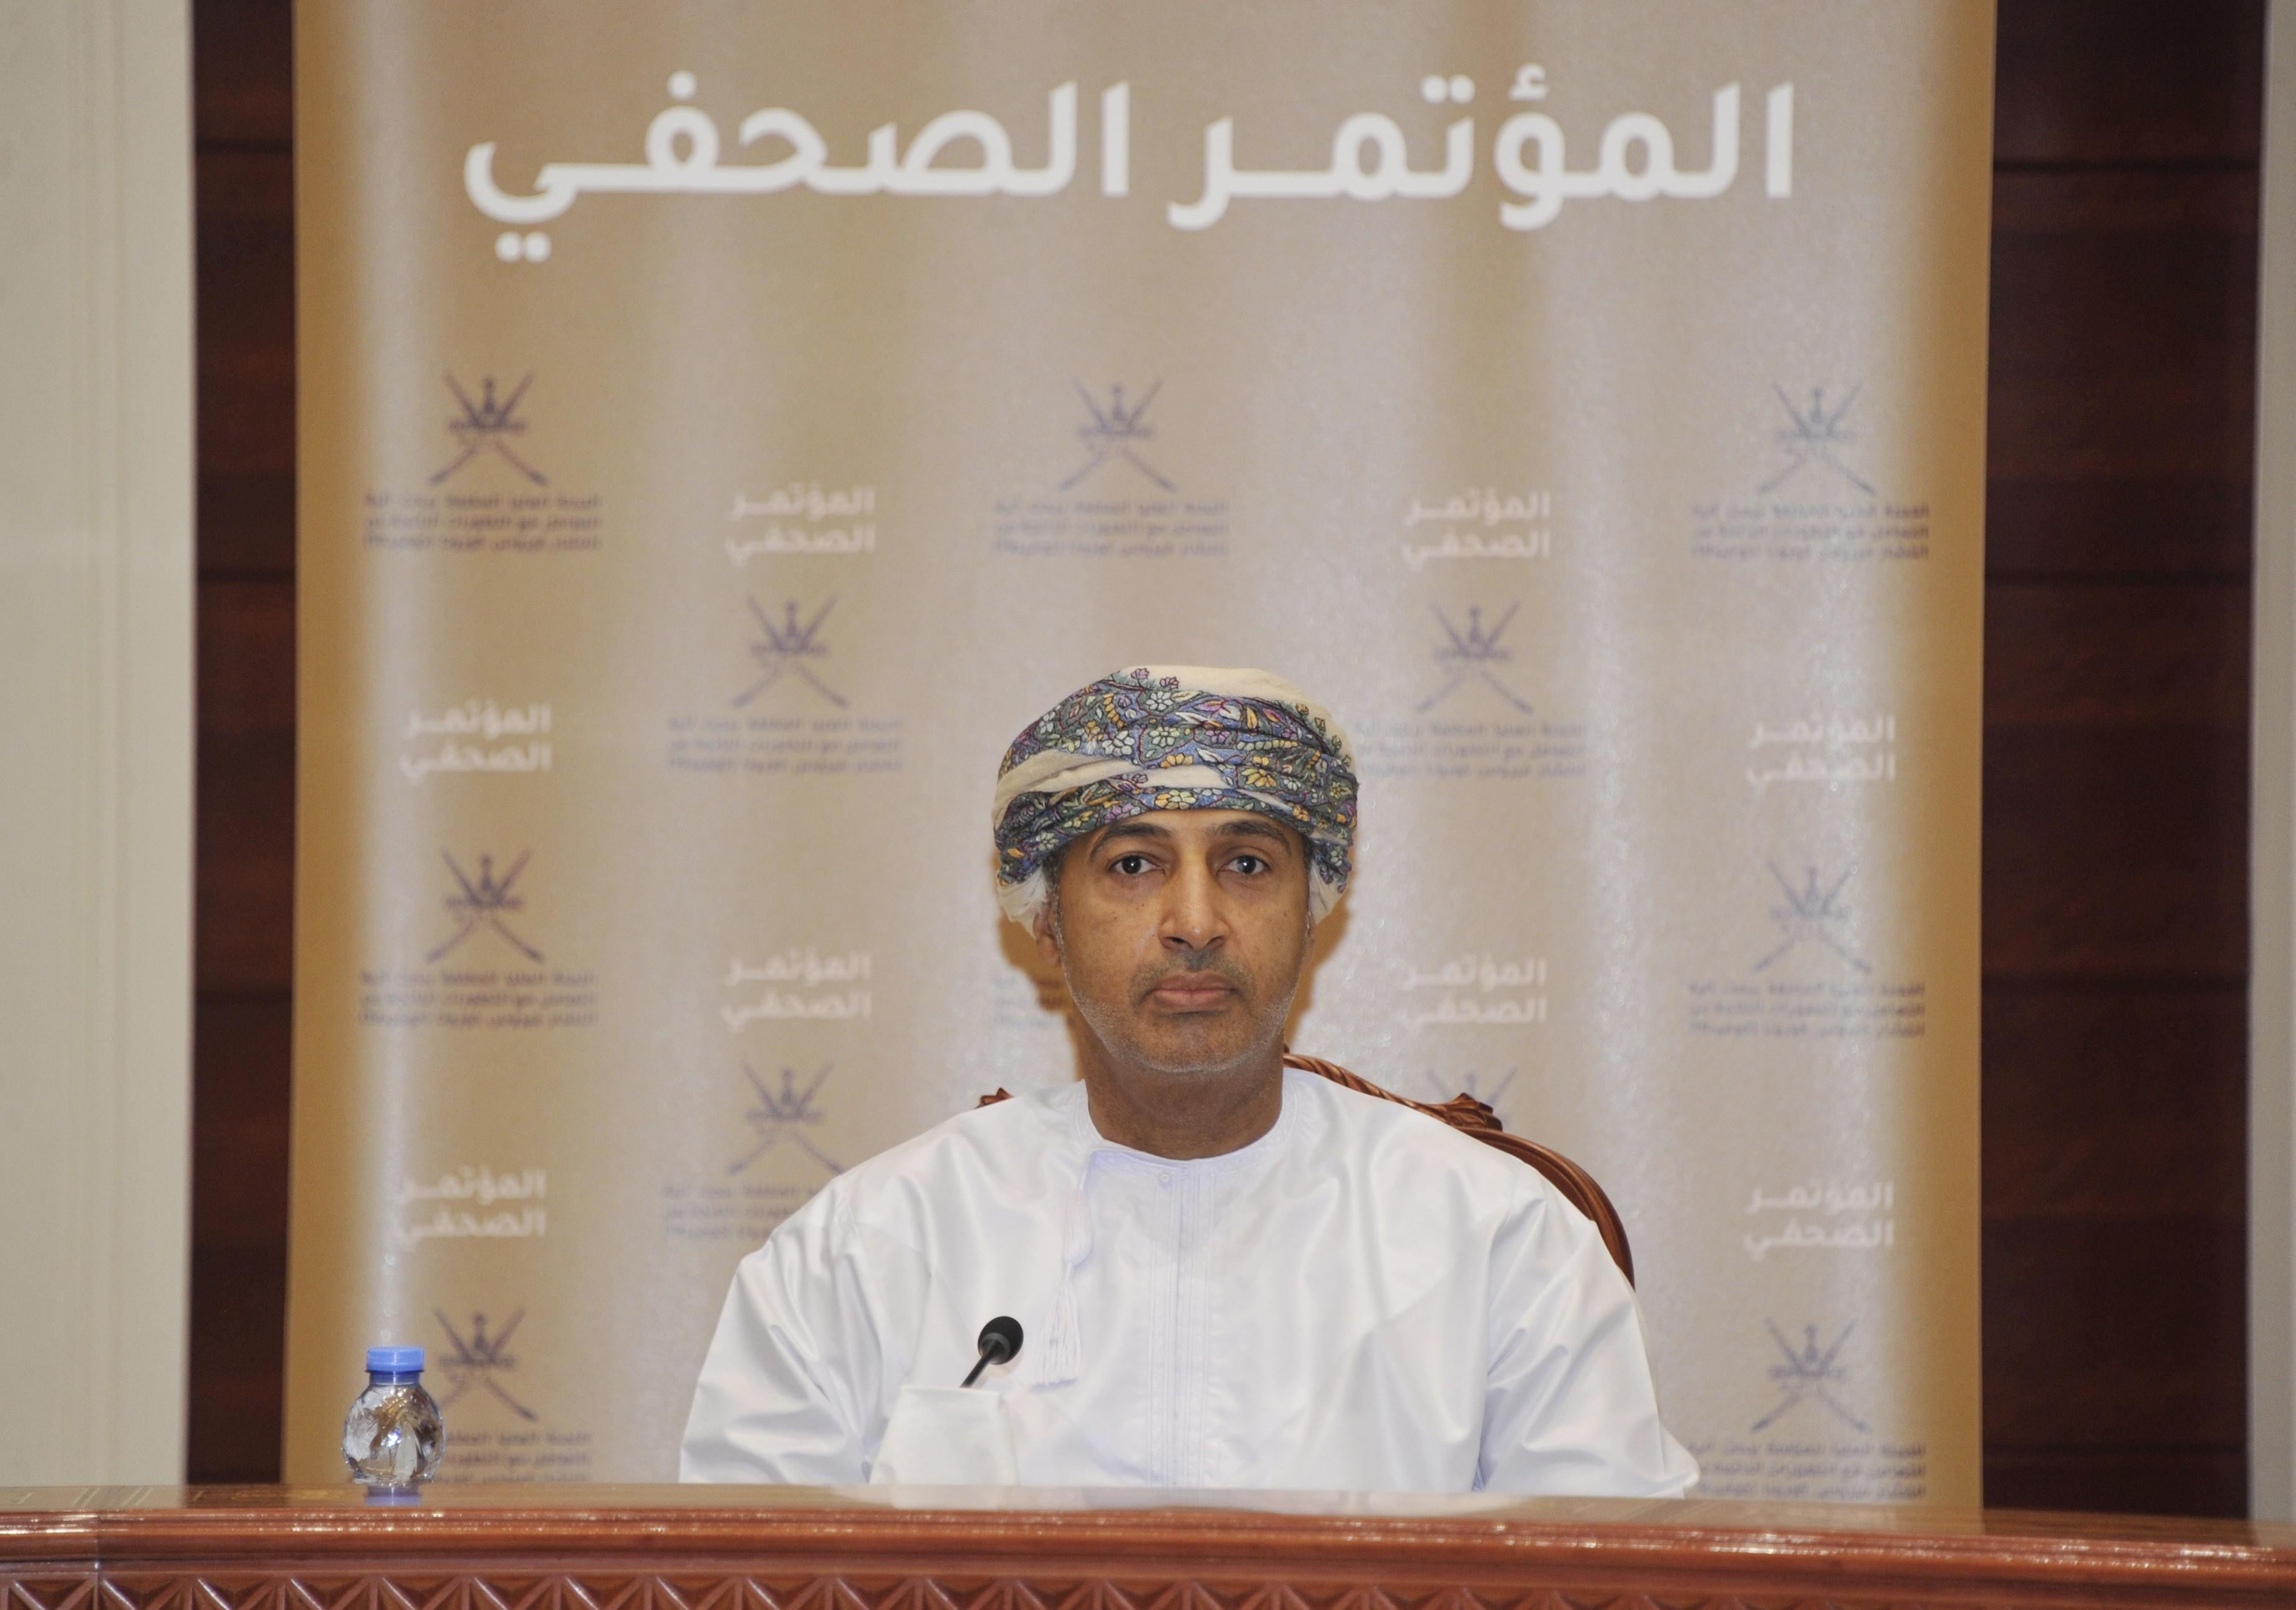 د. حمد الحارثي مدير مستشفى النهضة.jpg